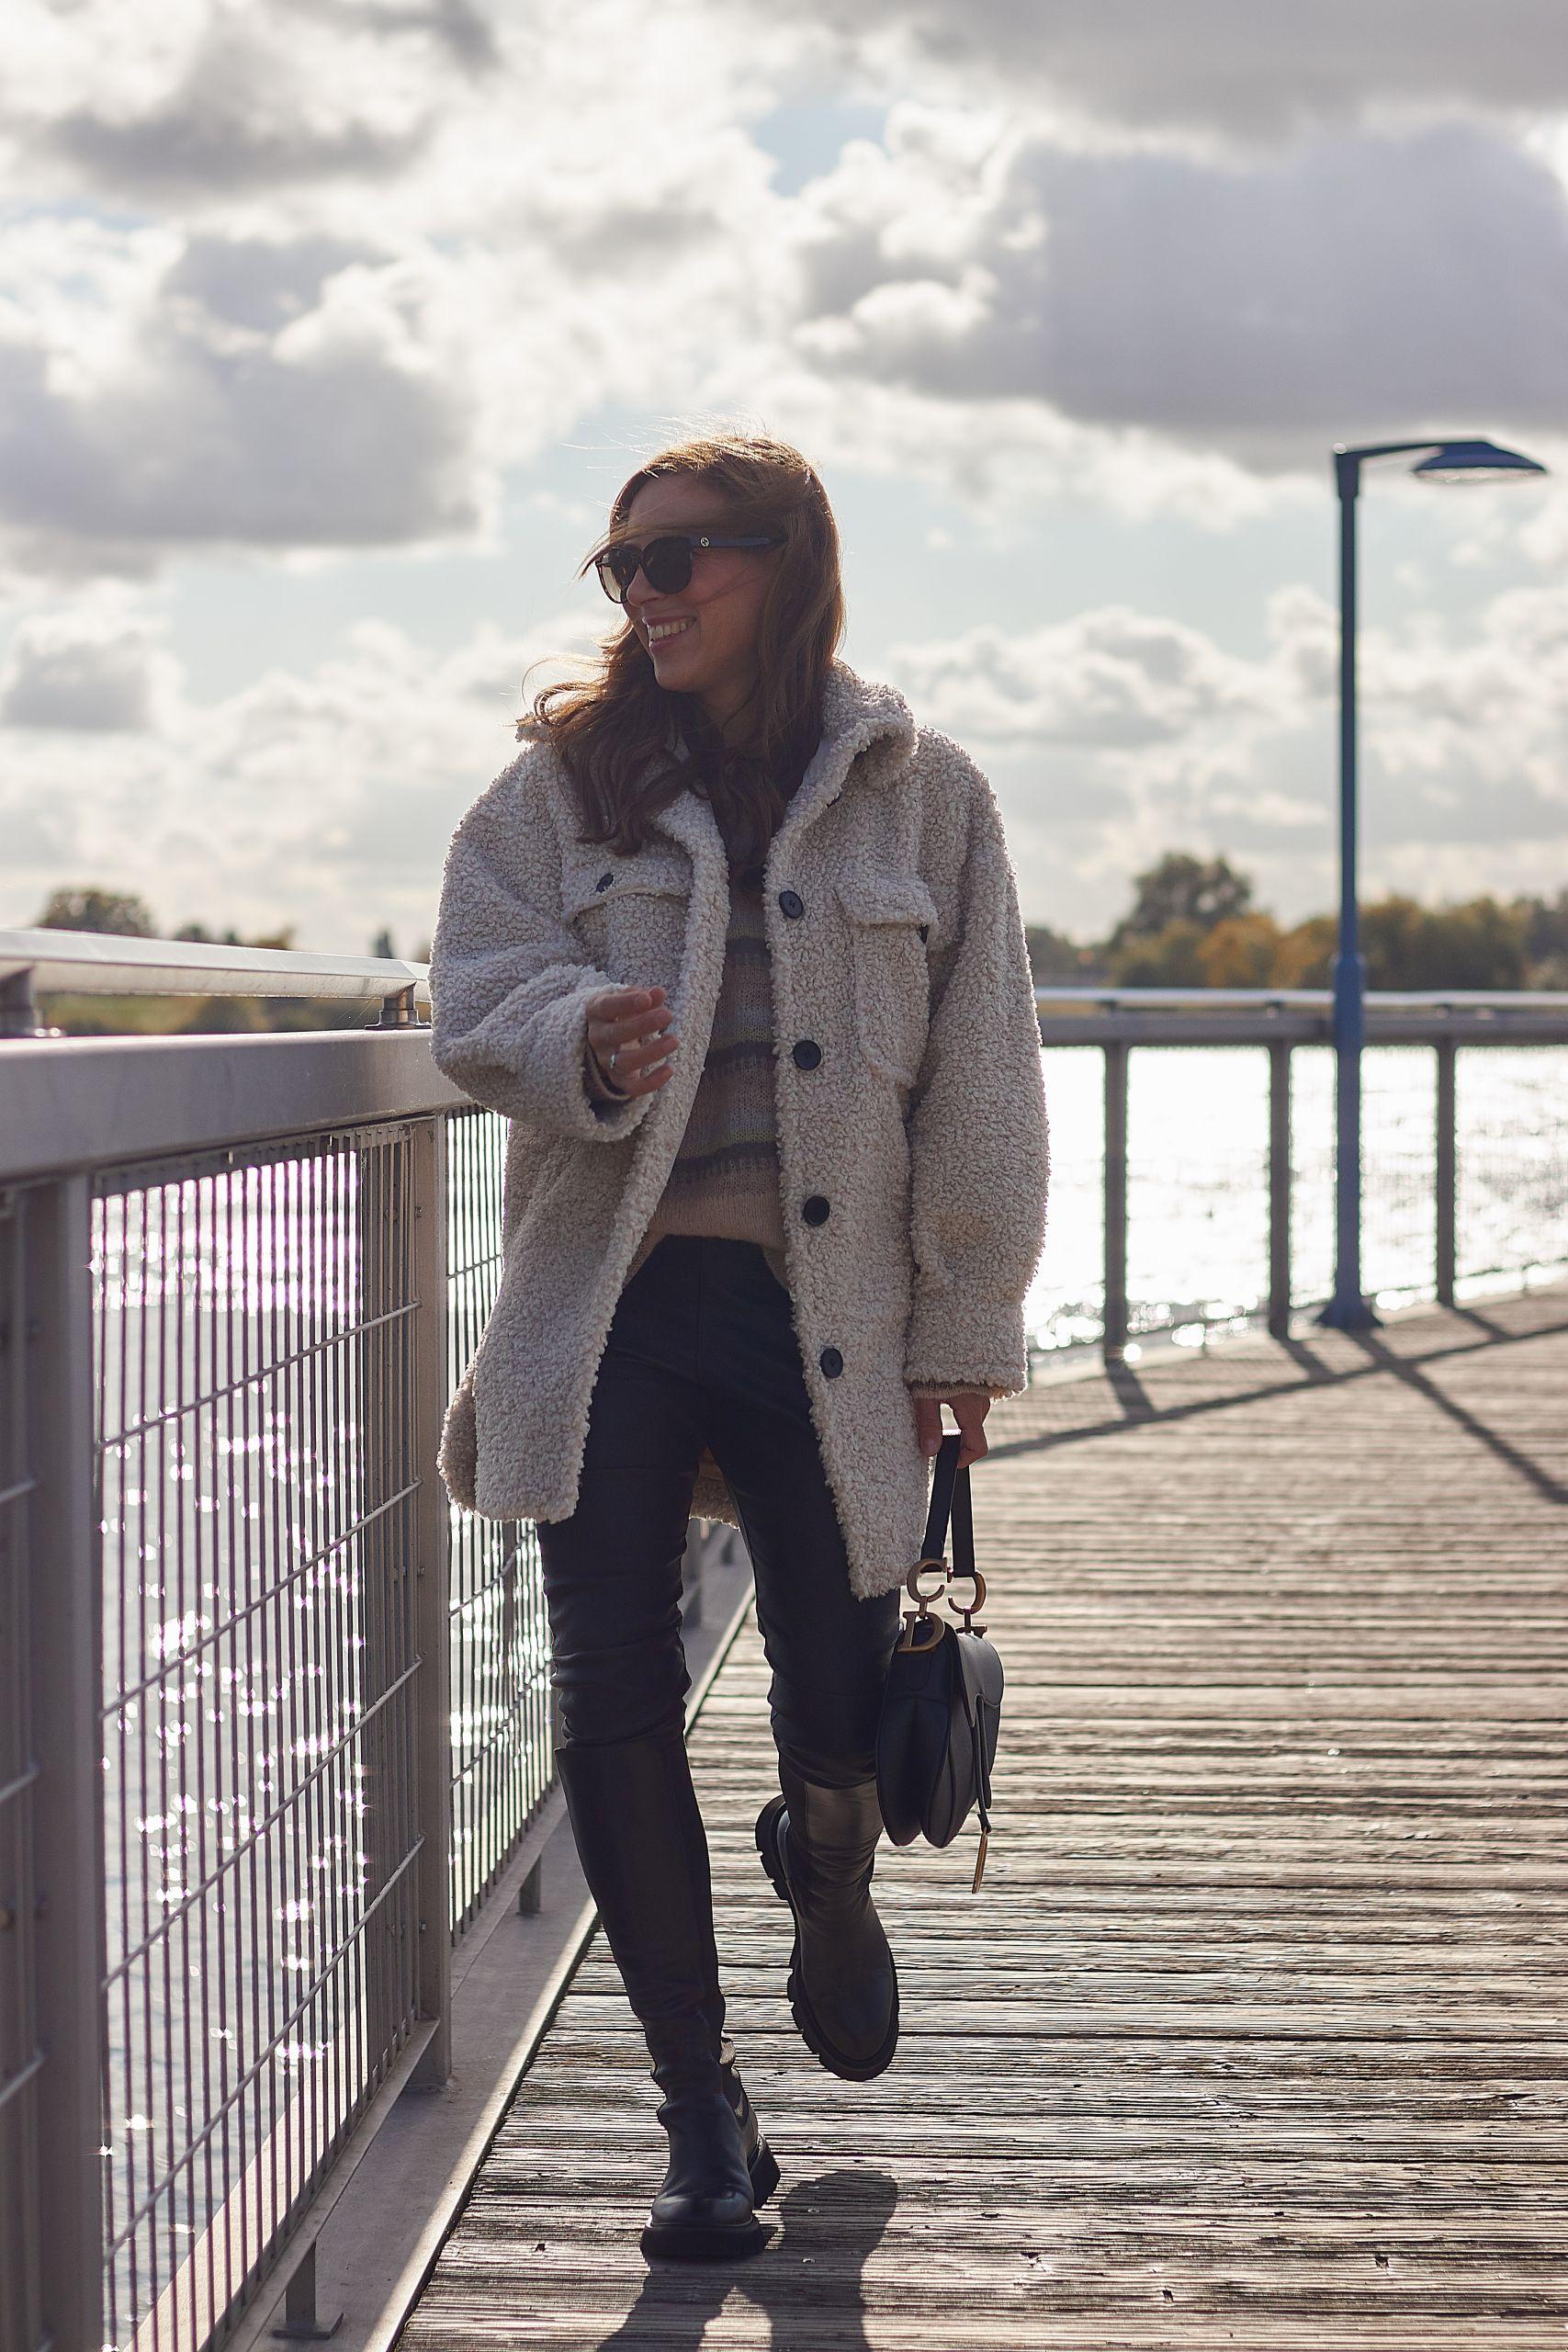 Teddy Jacke kombinieren zu Lederleggings und Combat Boots von Raffaele Riccardi und Dior Saddle Bag an der Elbe